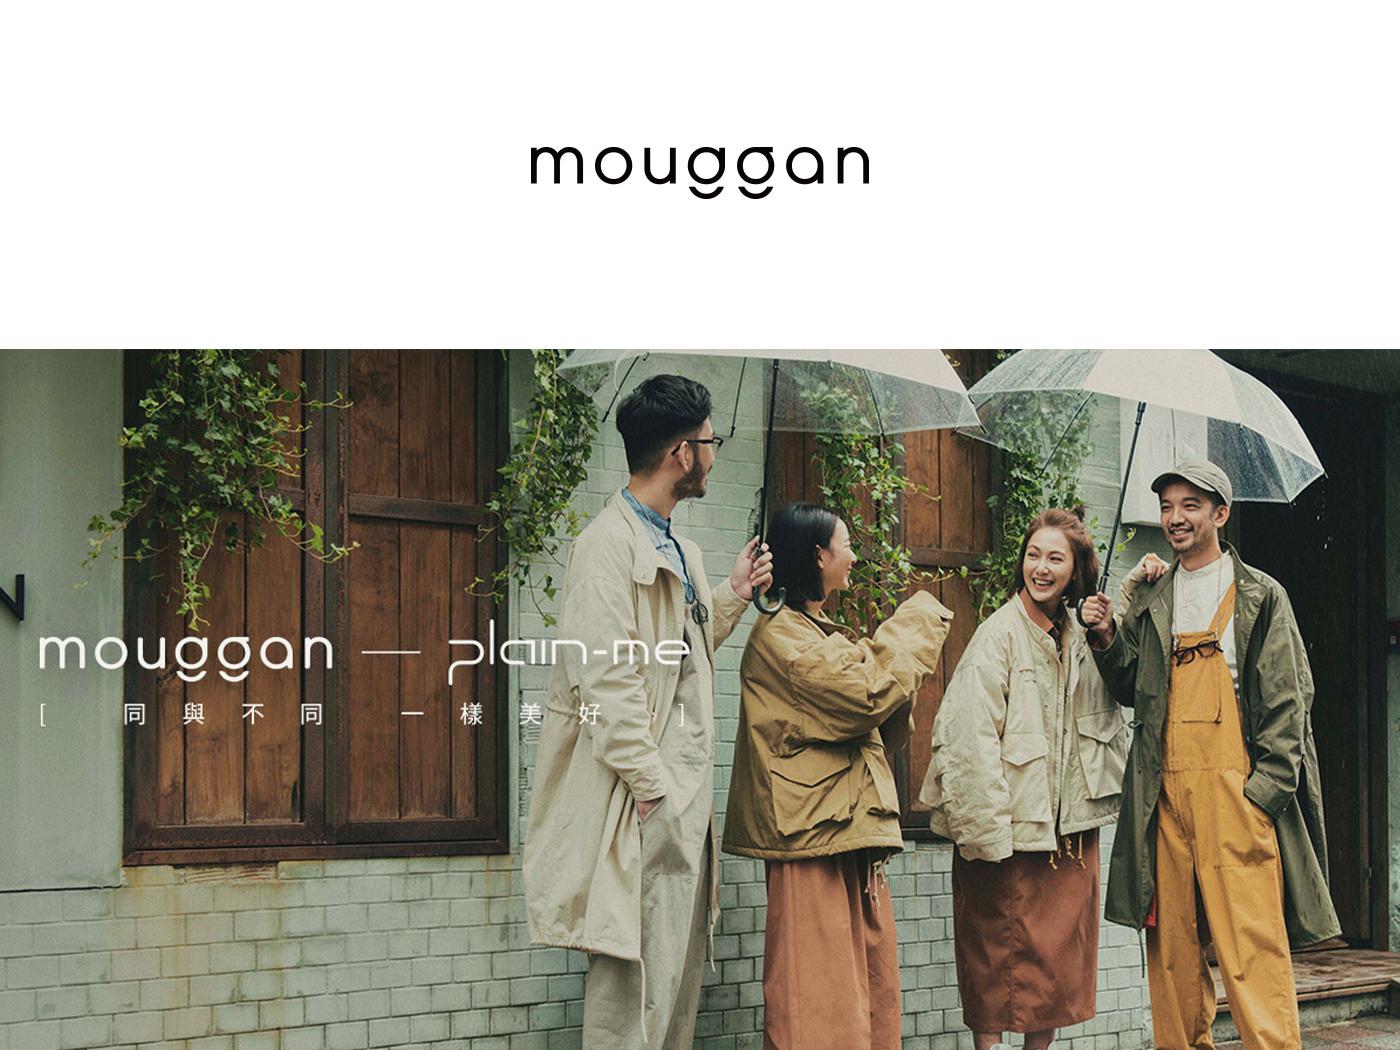 mouggan,mougganxplainme,mouggan plain-me,大饅大力,穿搭部落客,穿搭雙胞胎